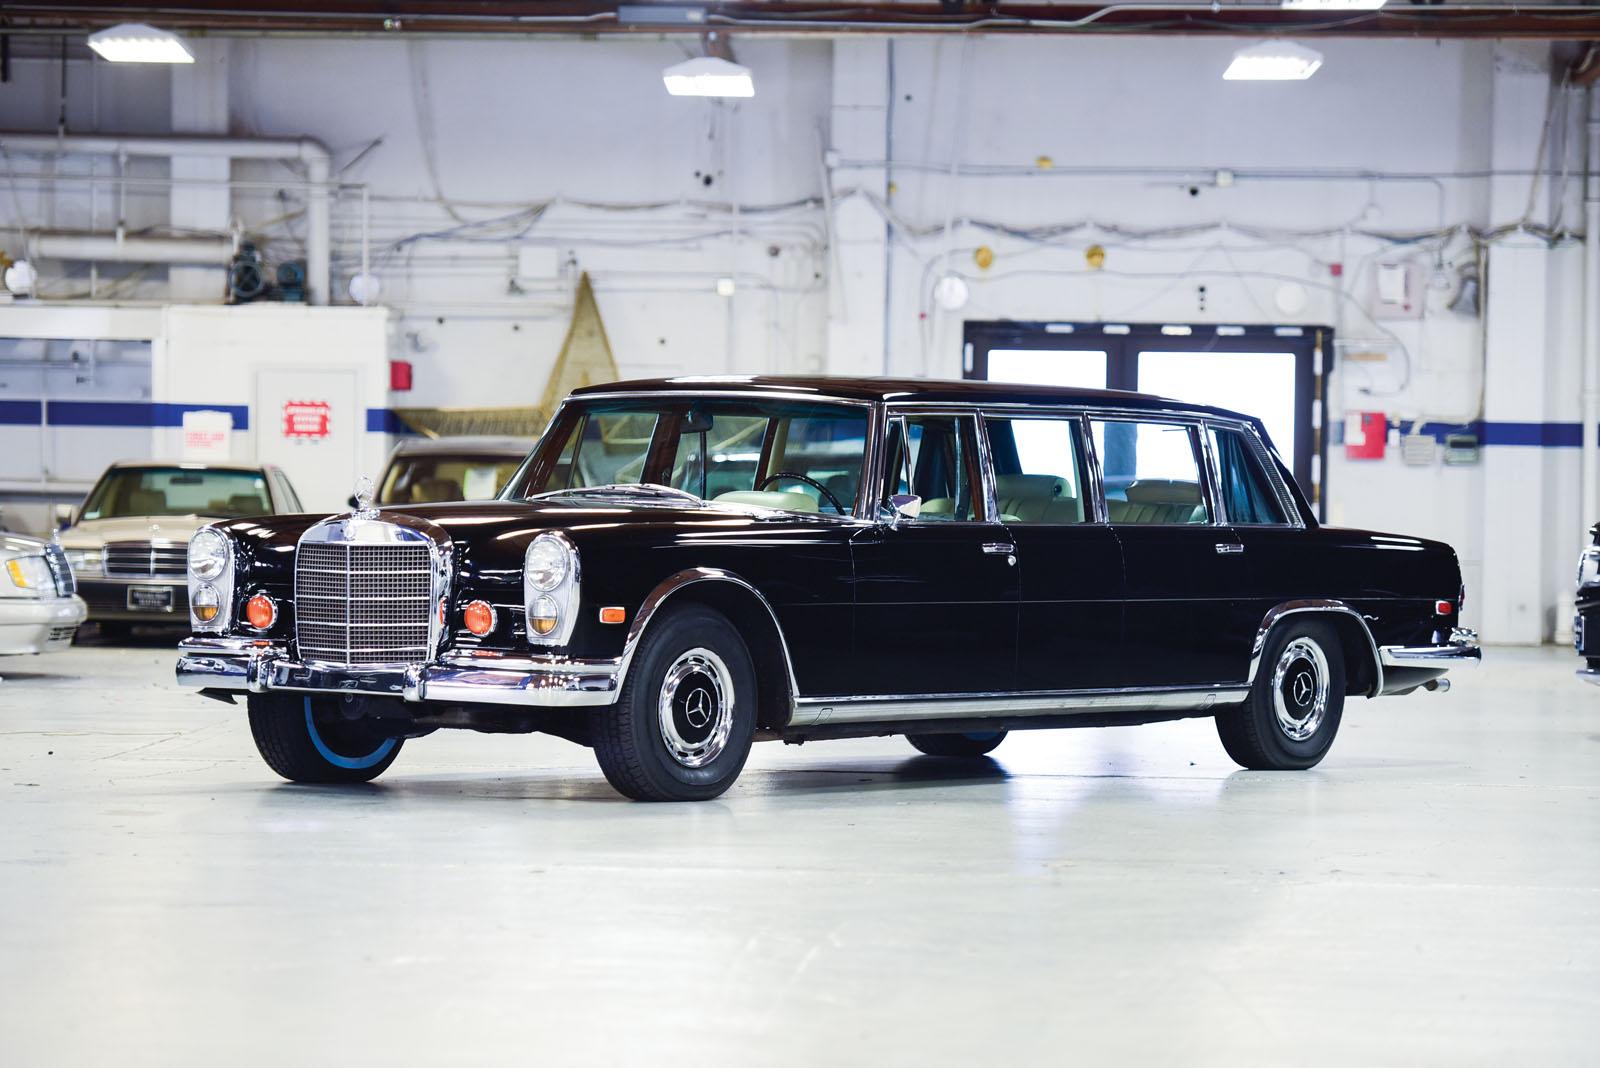 Mercedes-Benz 600 Pullman 1968 in auction (2)